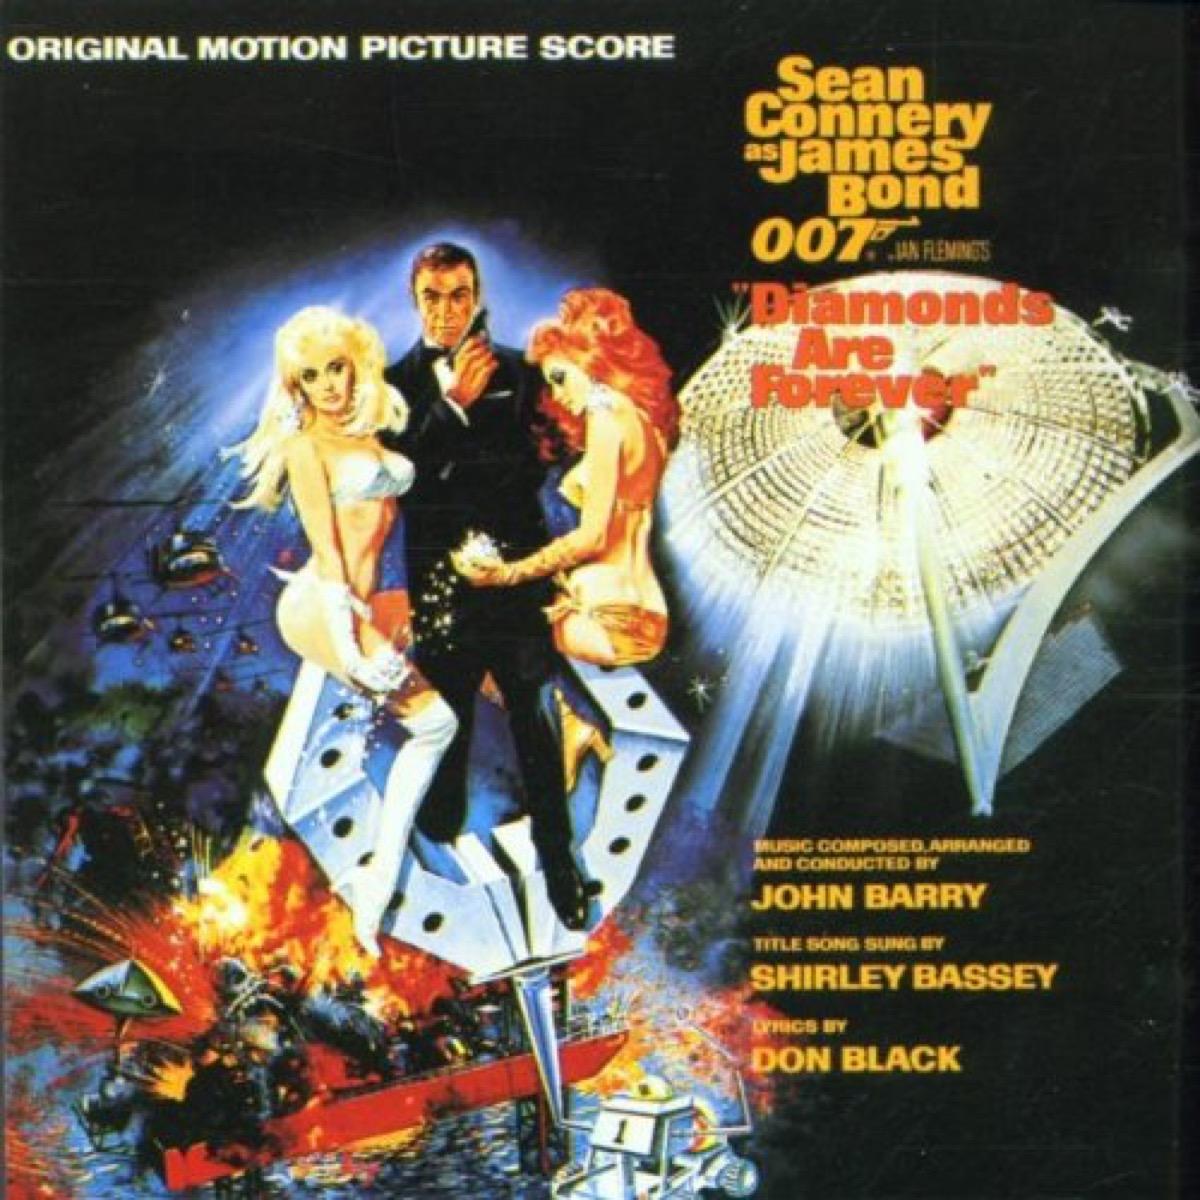 diamonds are forever movie soundtrack album cover